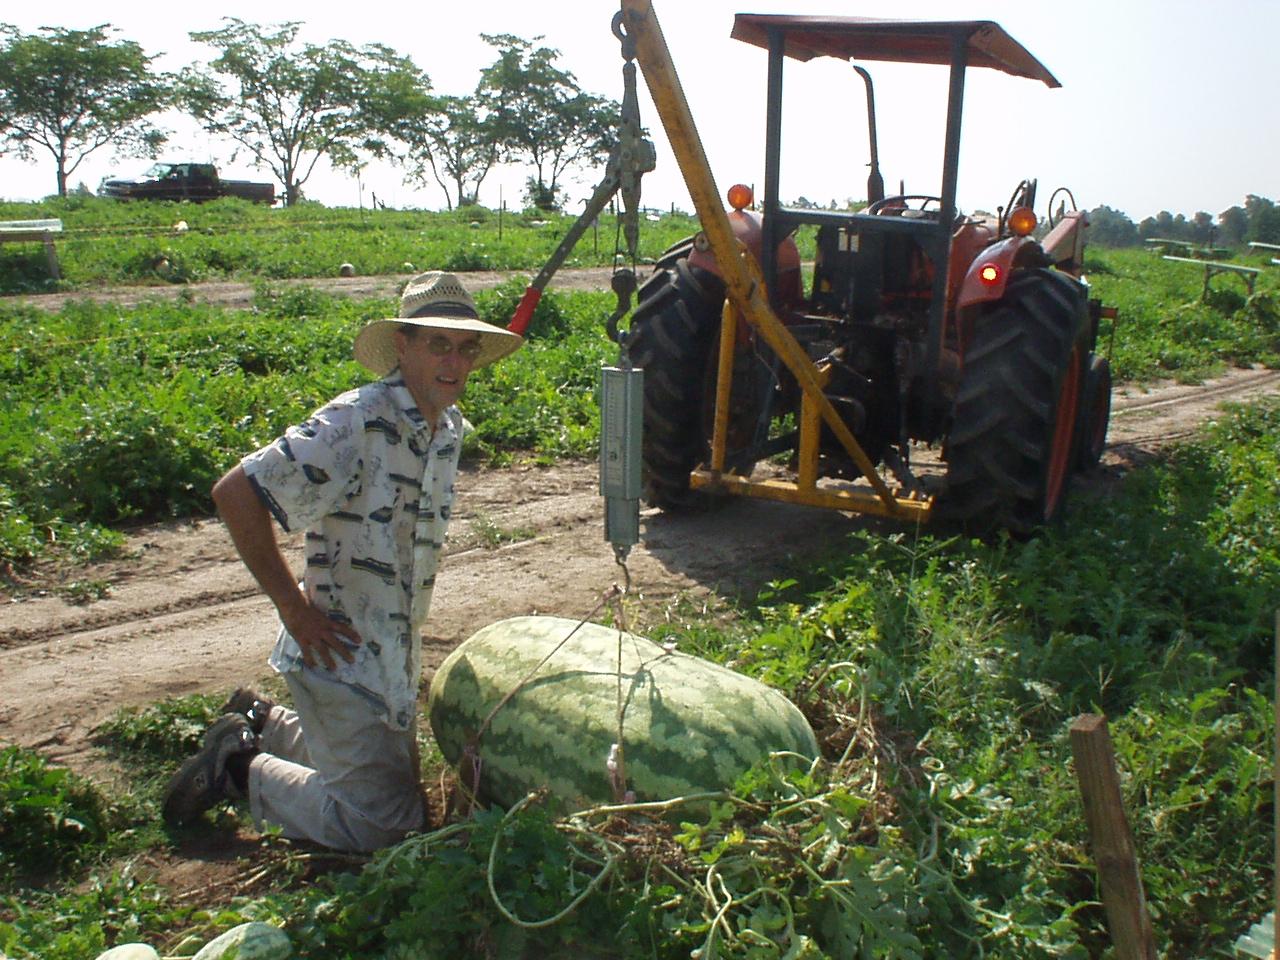 Lloyd Bright - 268.8 melon